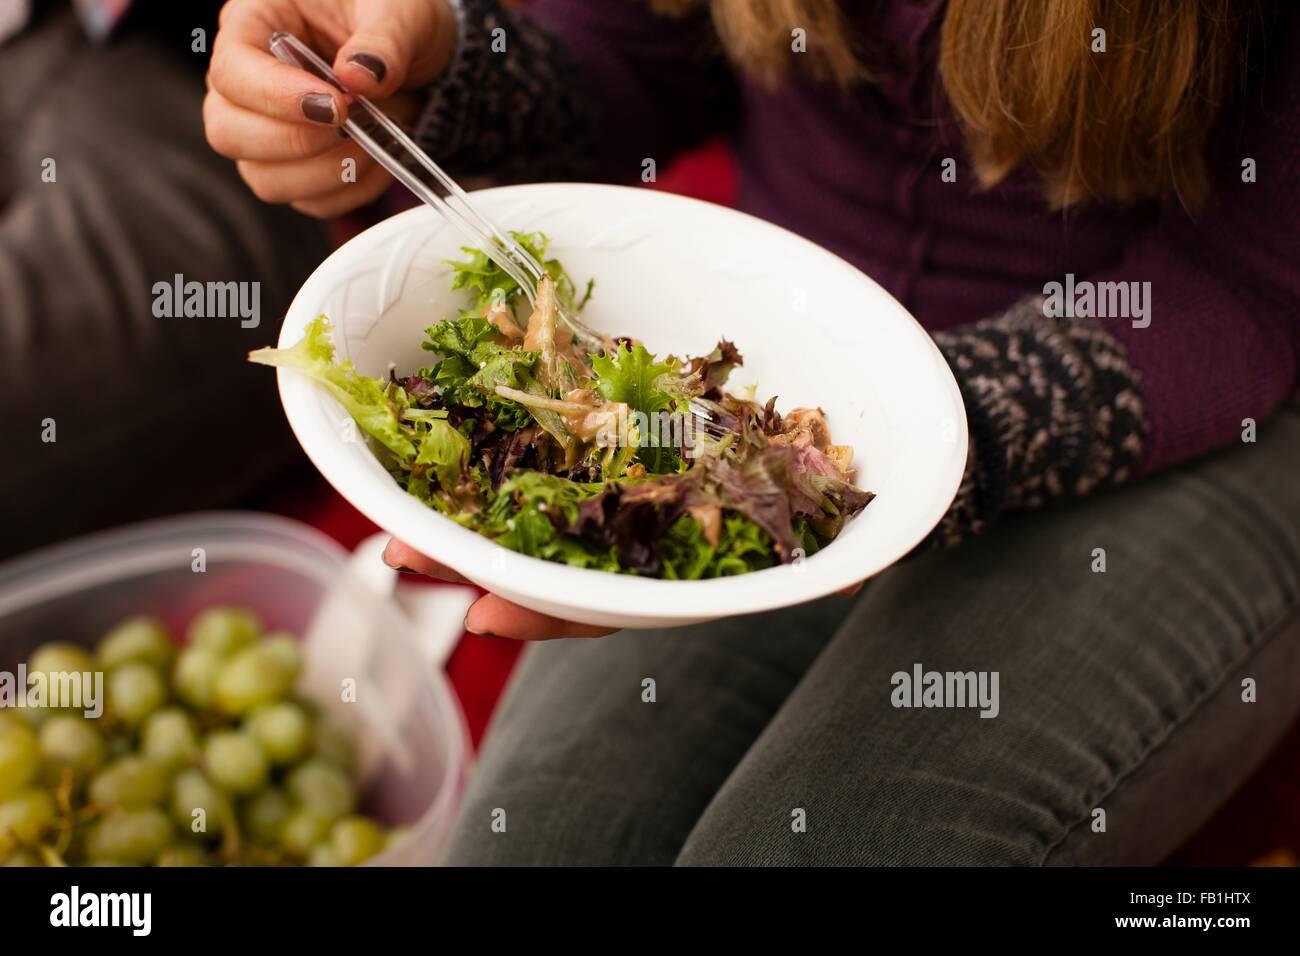 Captura recortada de pareja joven comer ensalada de picnic Imagen De Stock